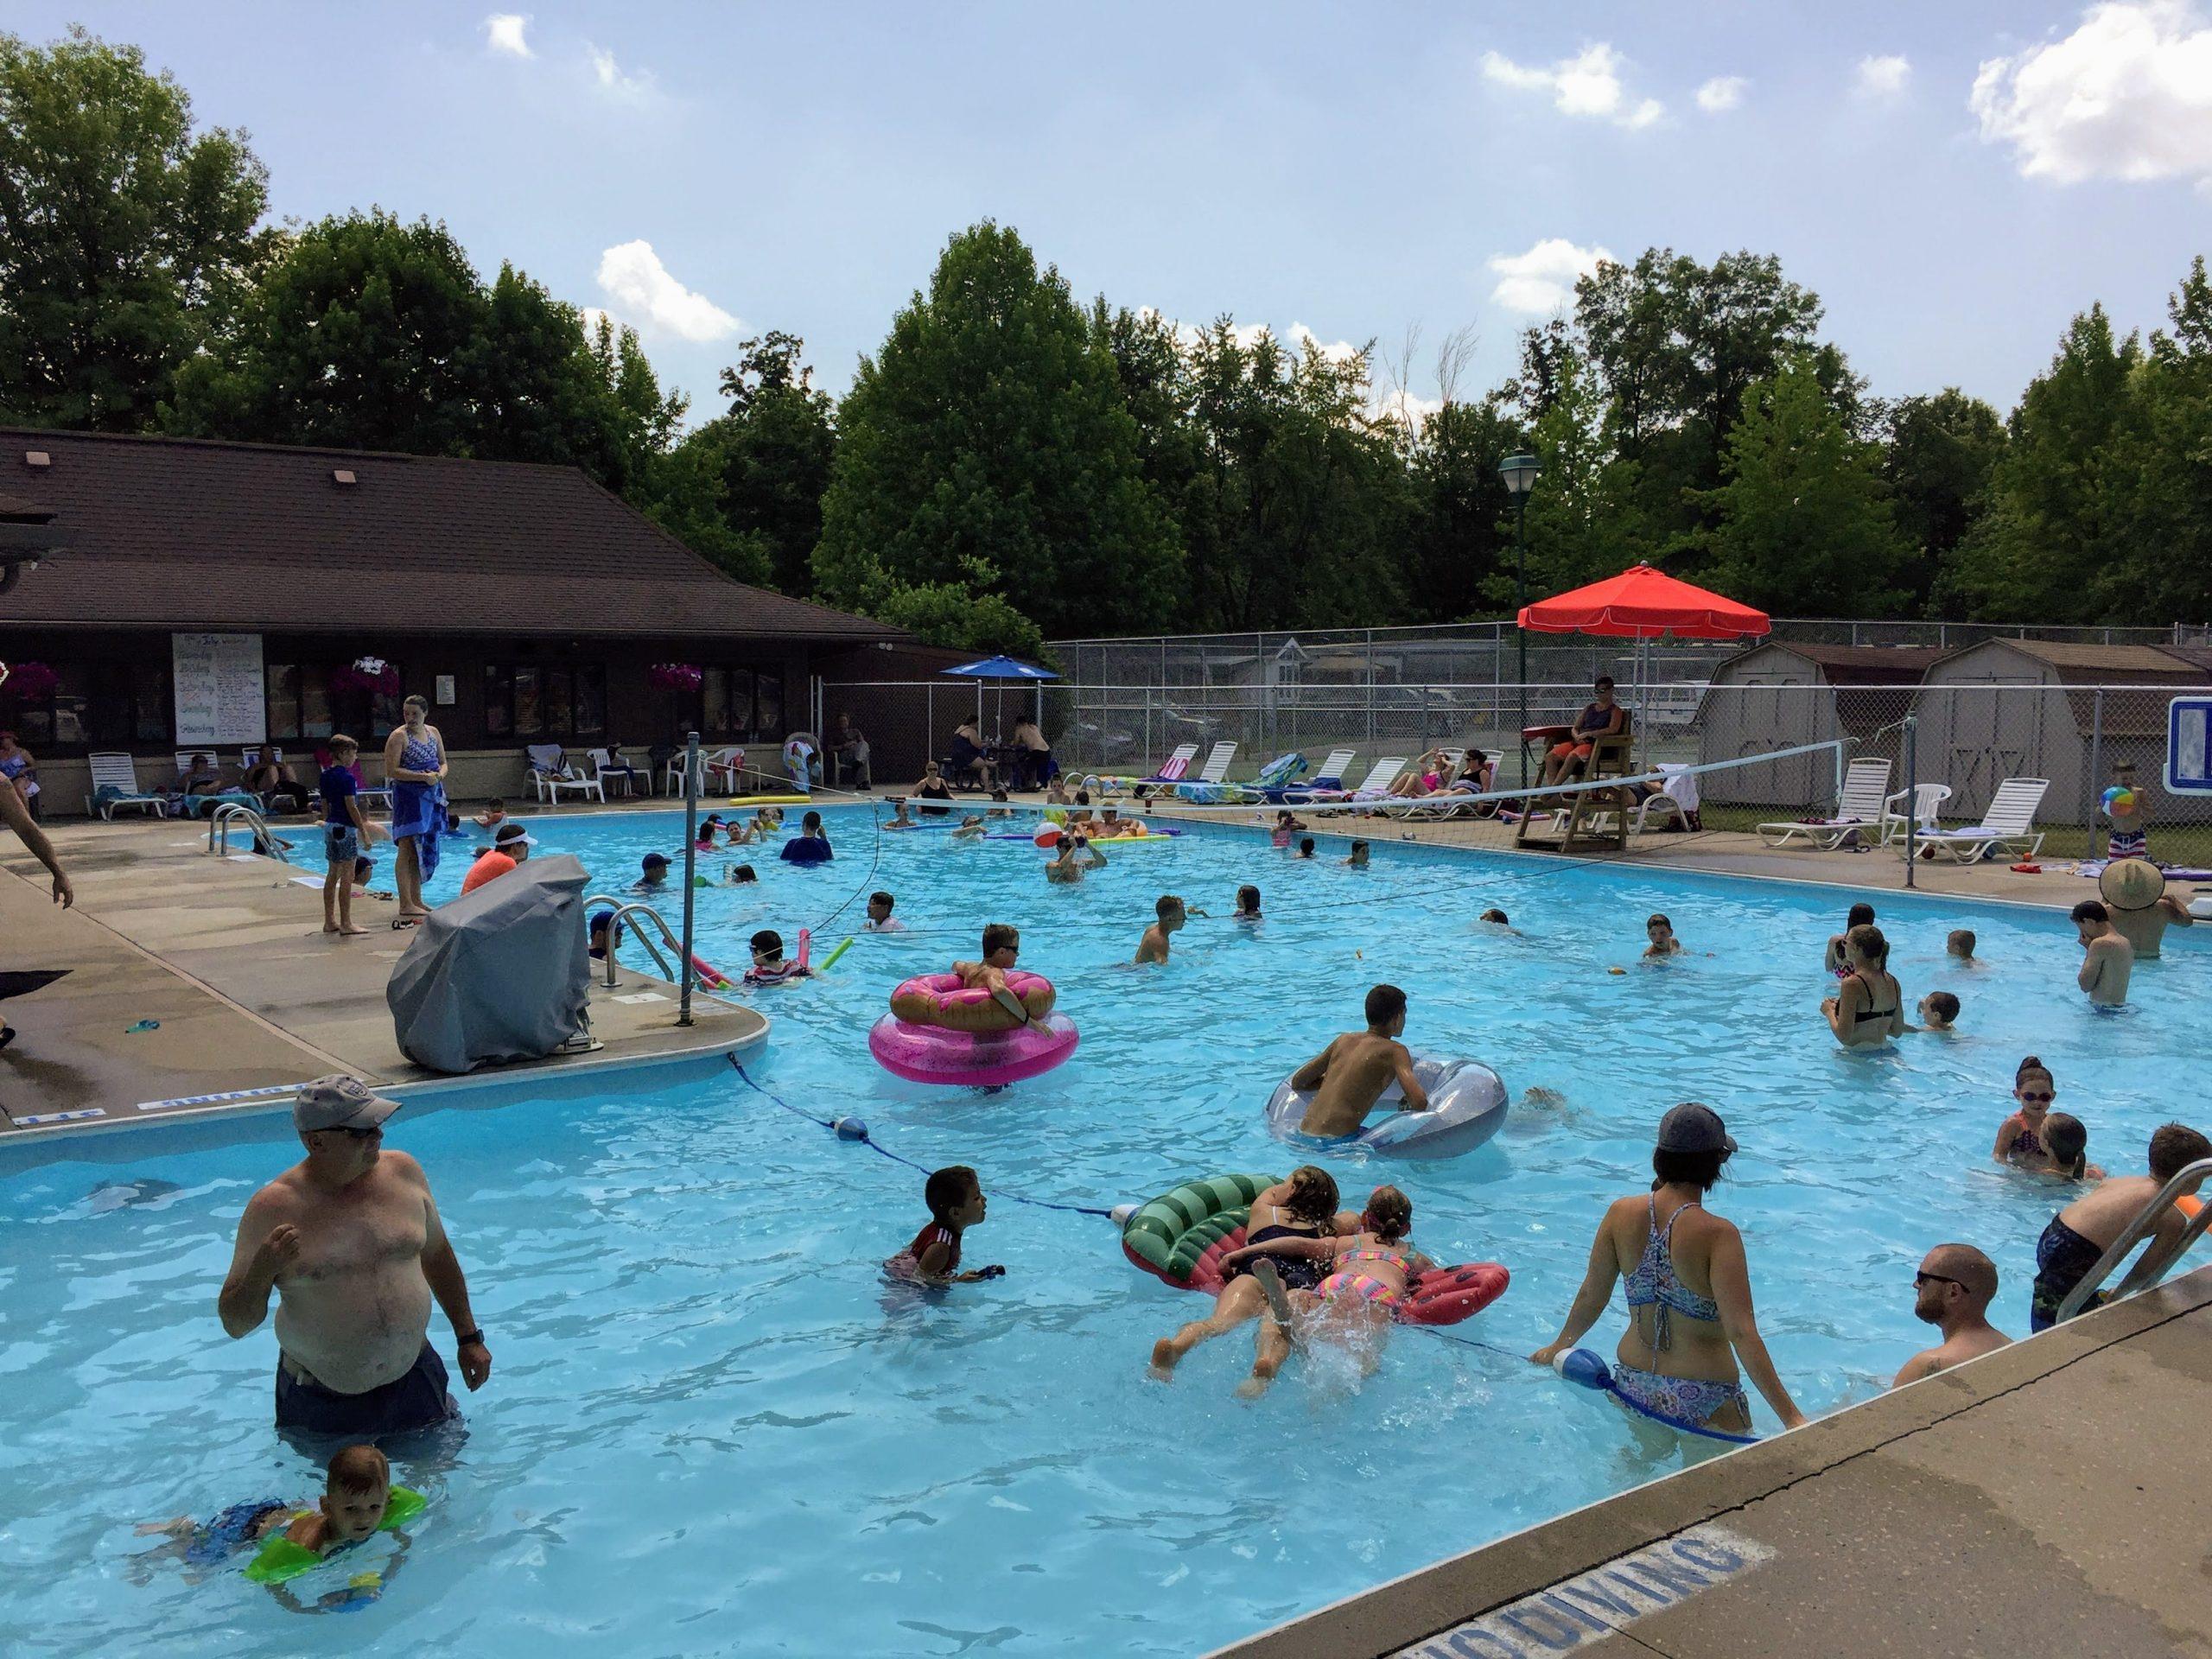 Many campers enjoying large public pool